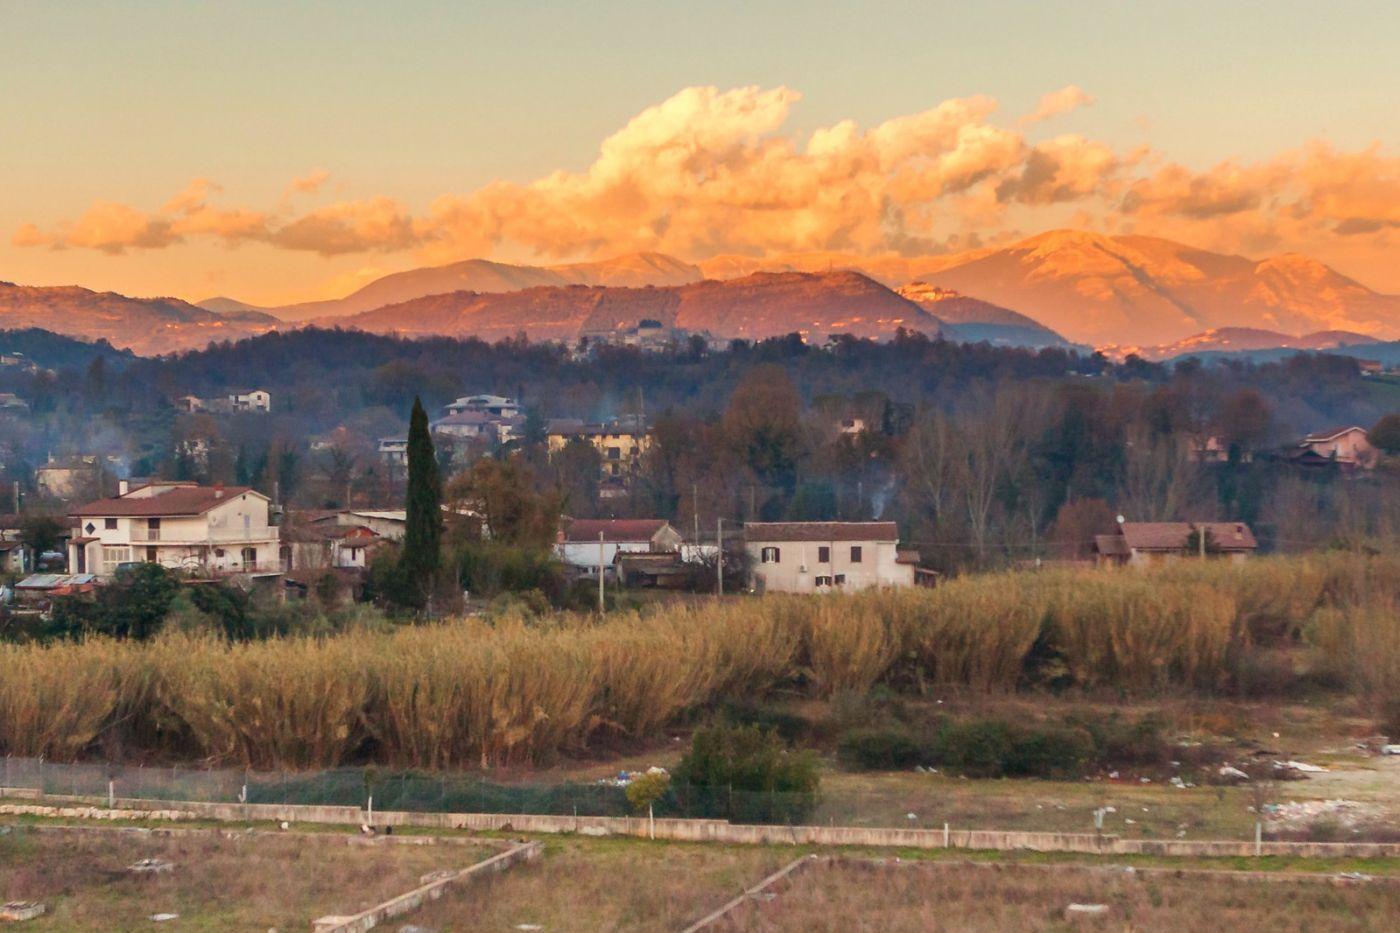 意大利路途,黄昏时的乡村_图1-4